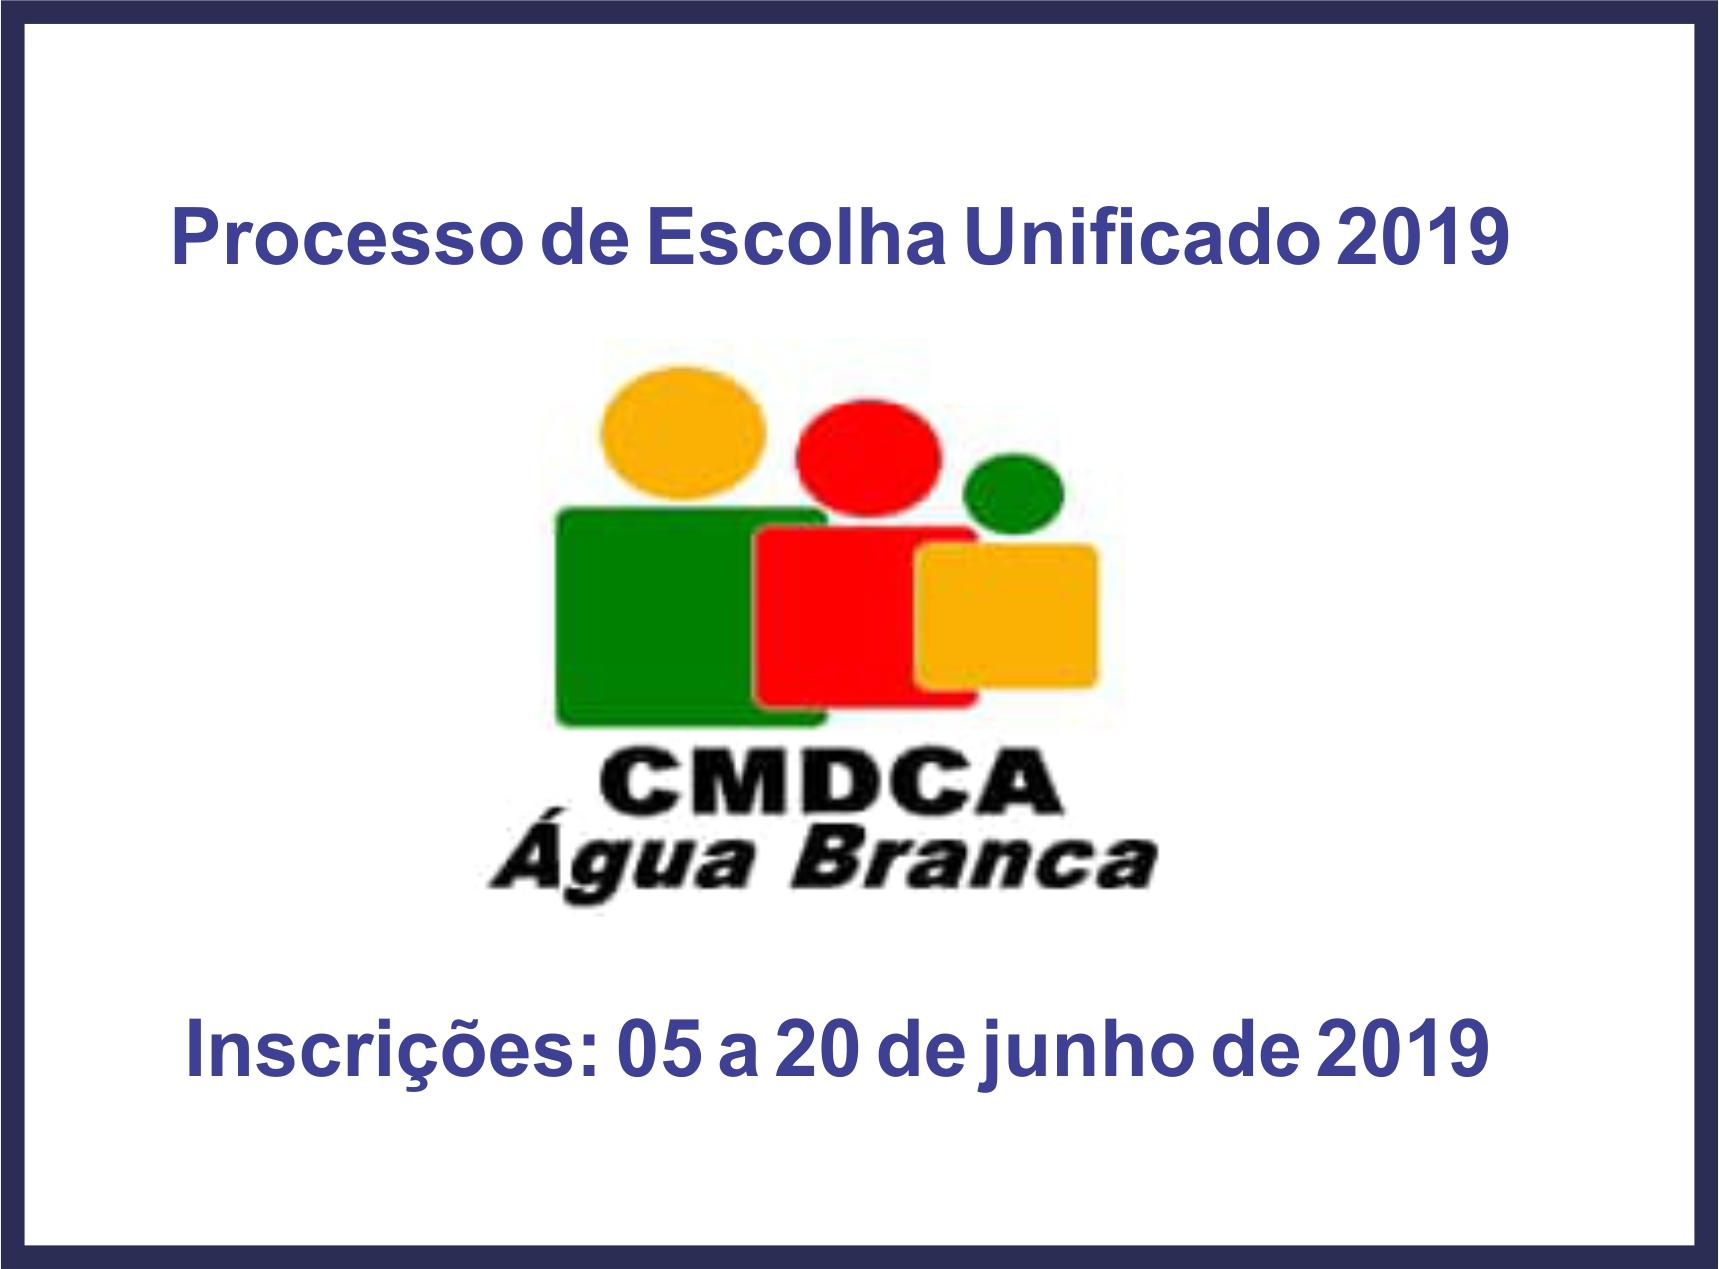 615e11b66c176 CMDCA lança edital para eleição do Conselho Tutelar